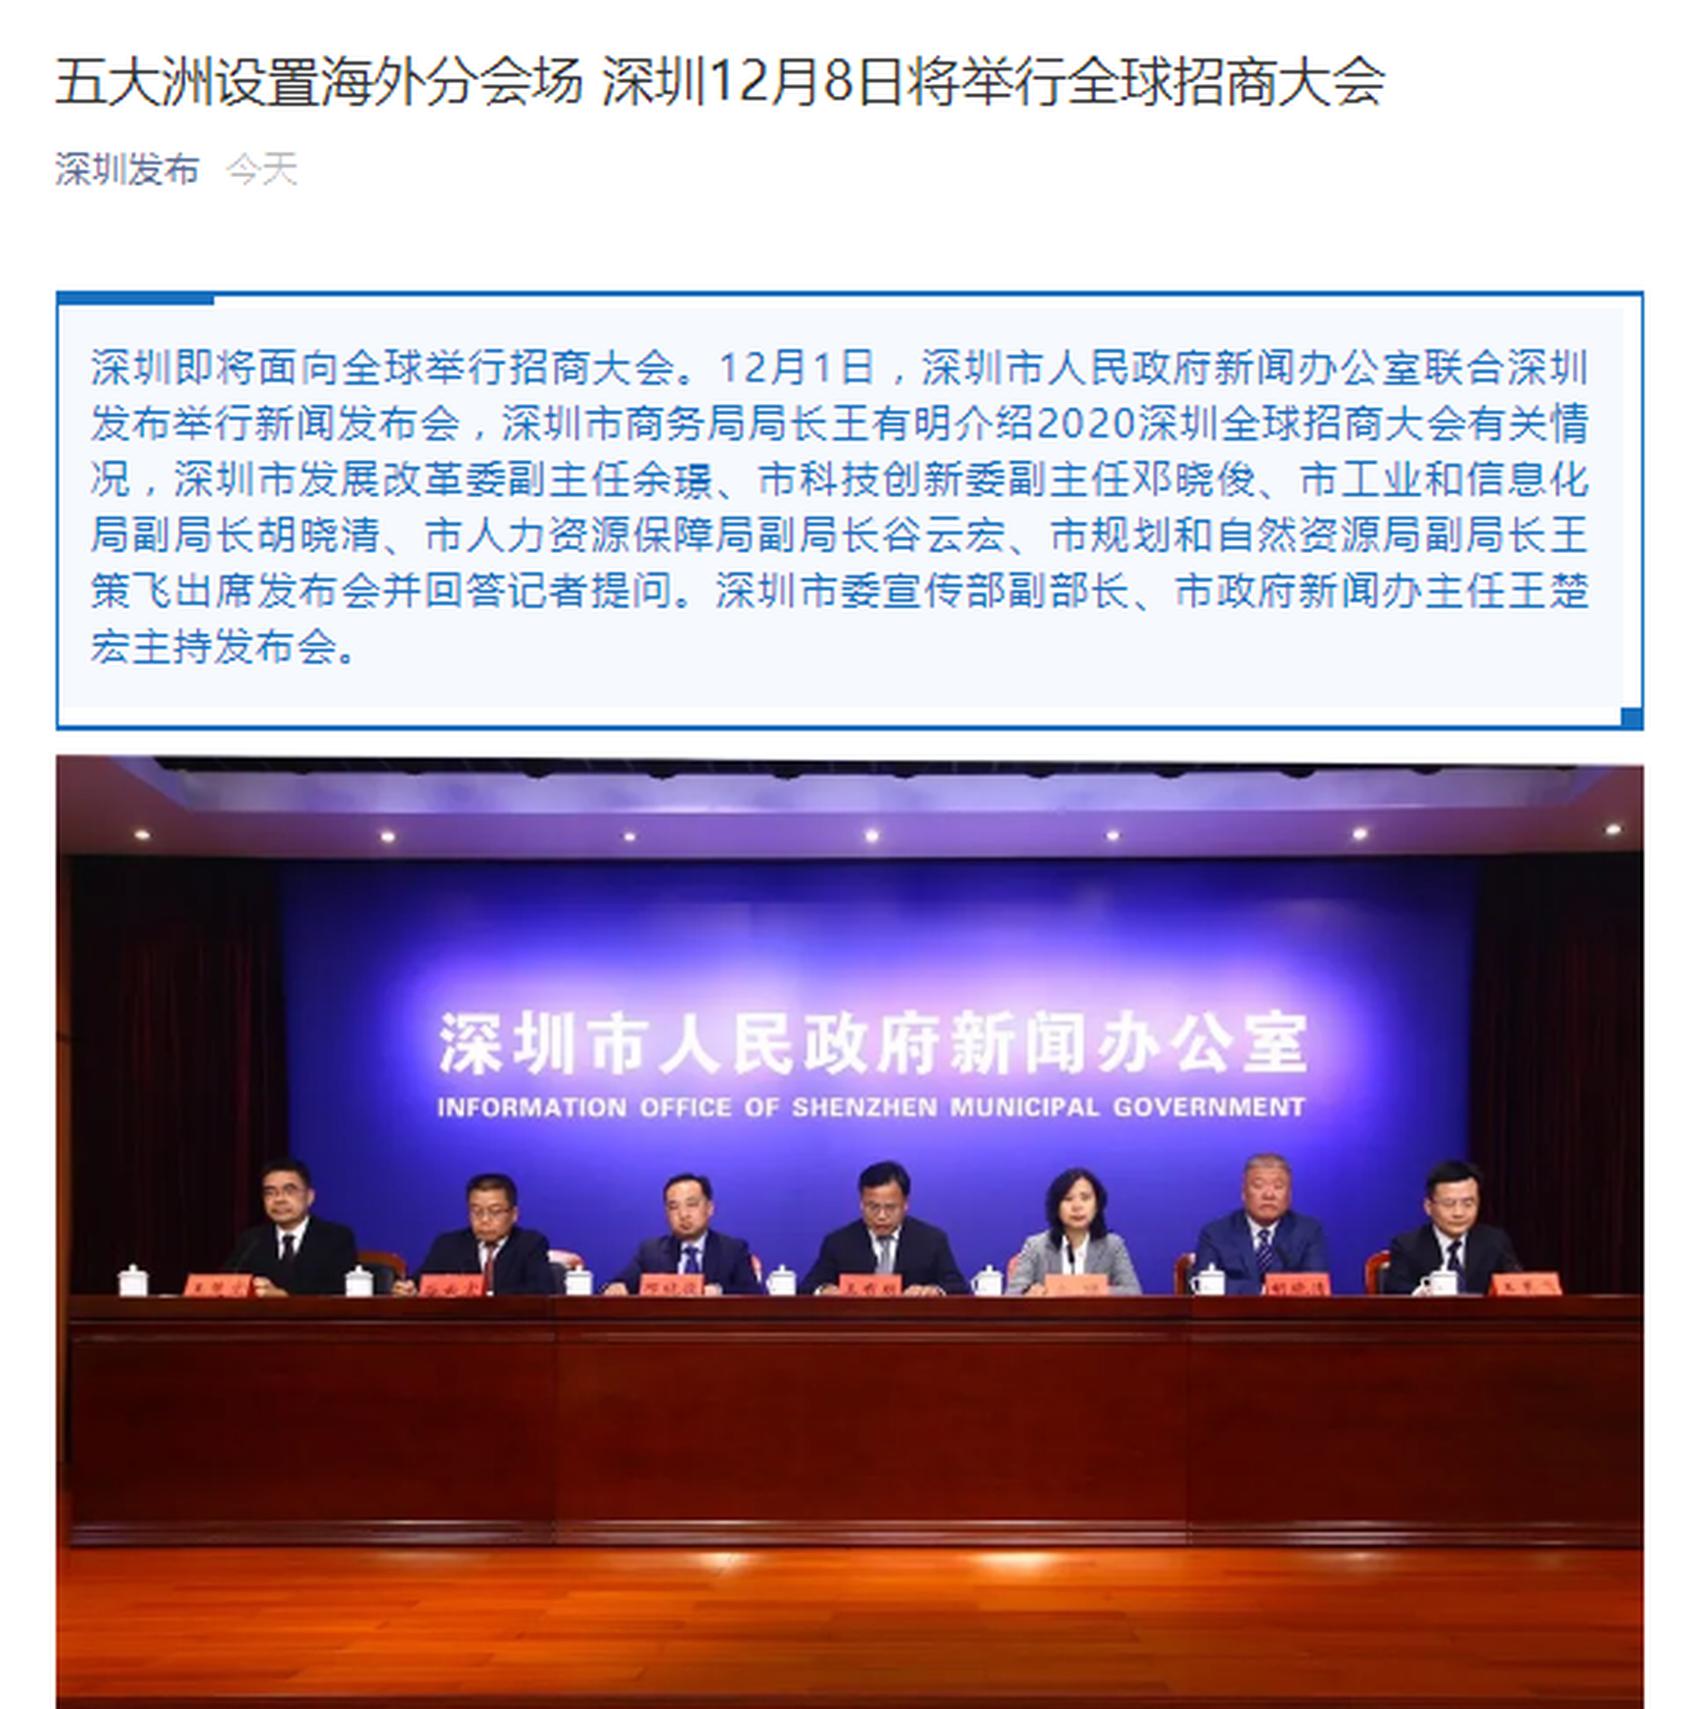 五大洲设置海外分会场 深圳12月8日将举行全球招商大会